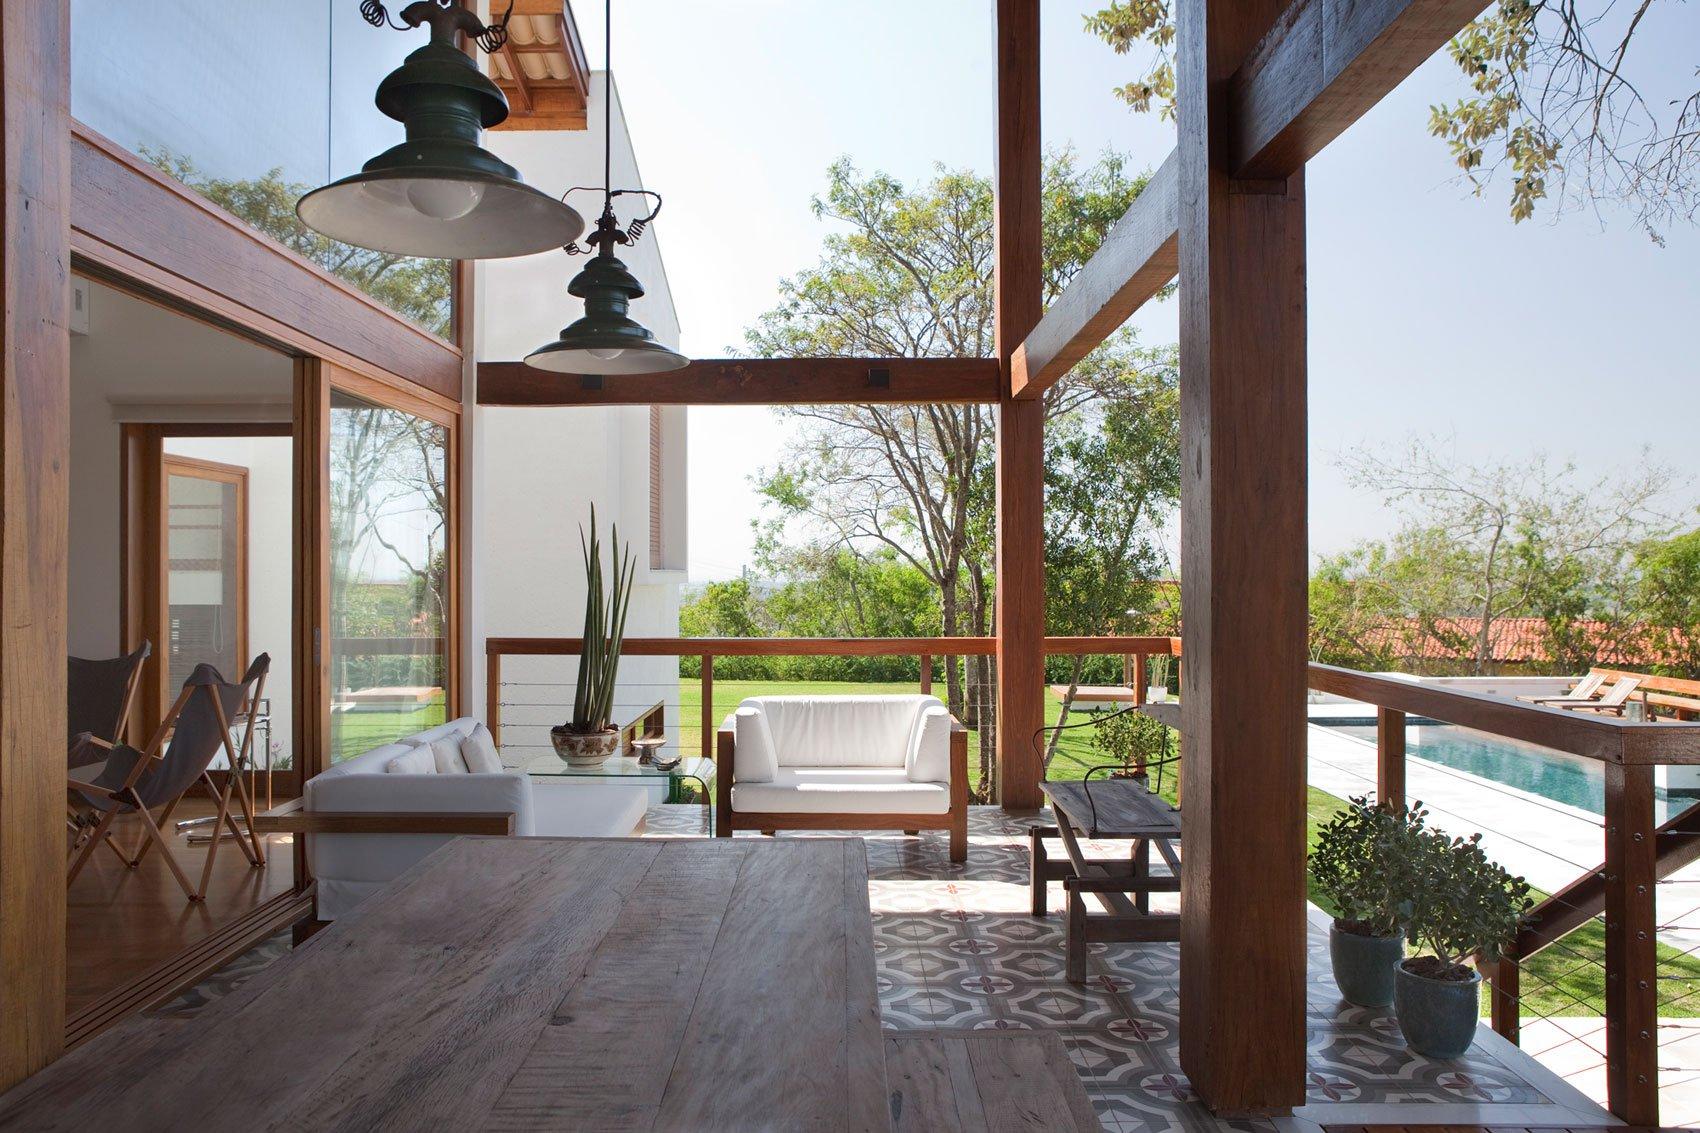 Casa de campo de madera y hormig n de 280 metros cuadrados for Disenos de terrazas exteriores